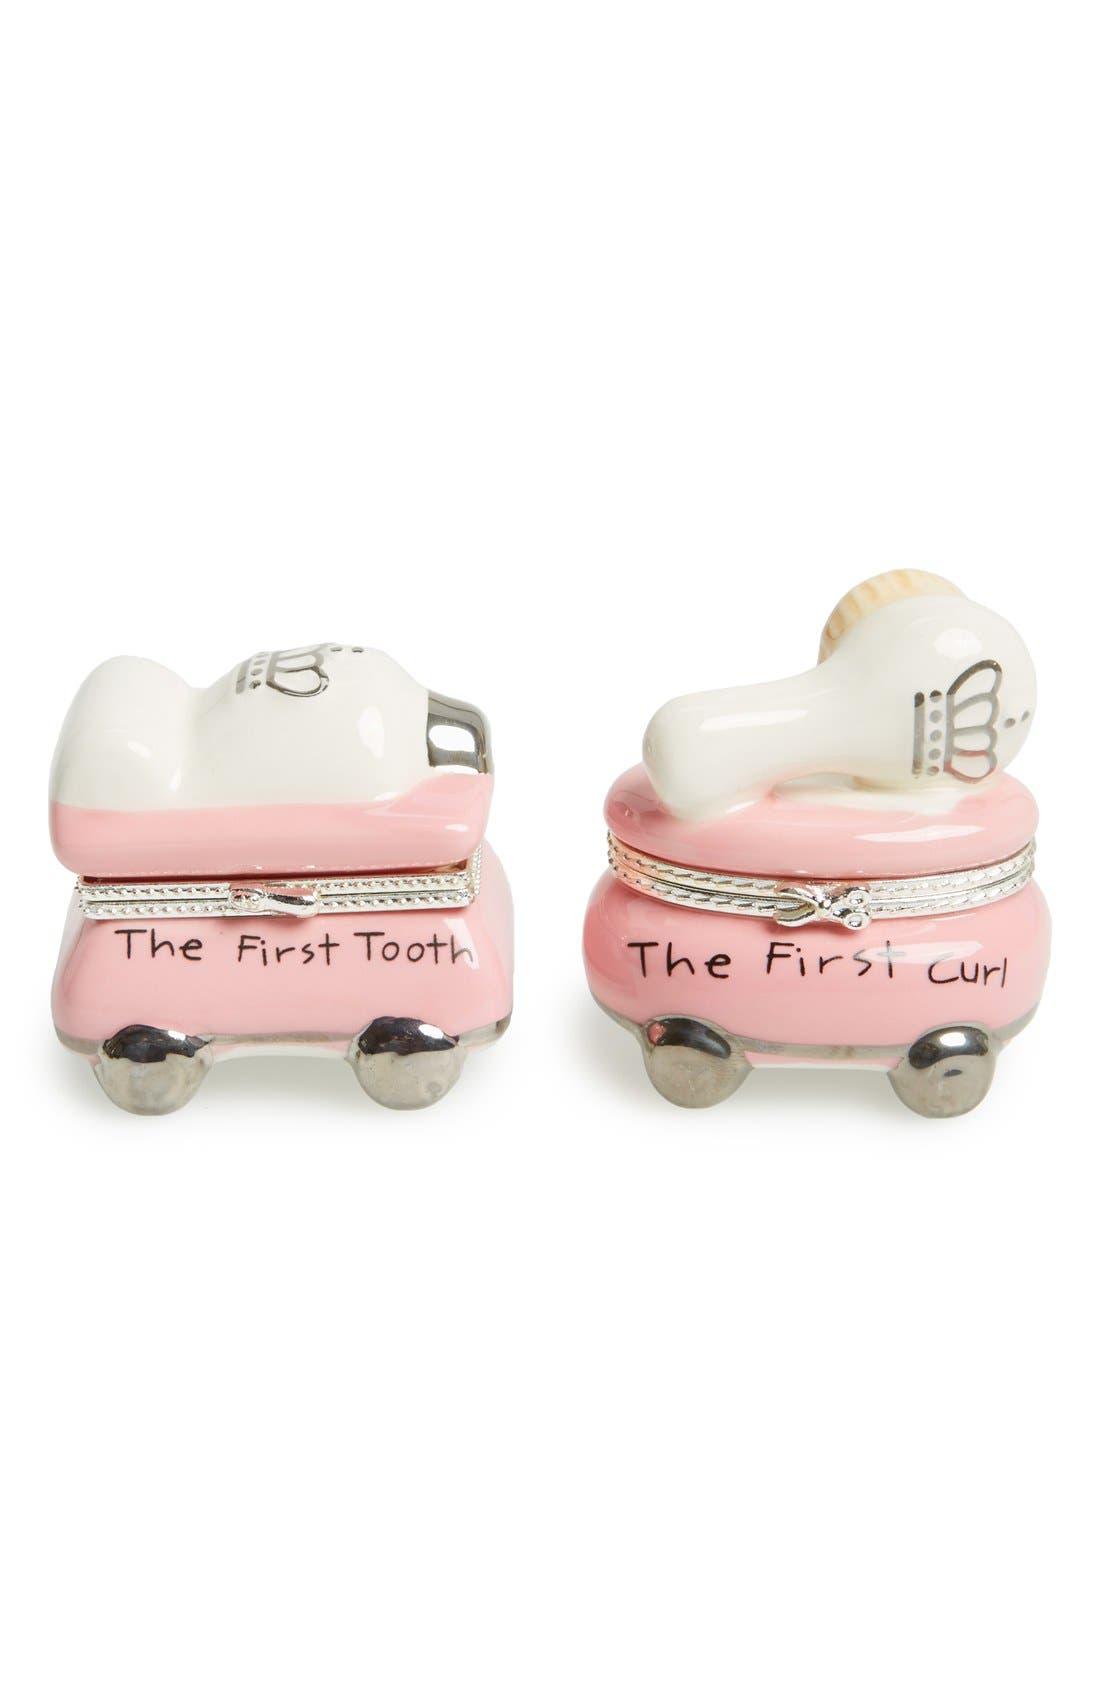 'Princess' First Tooth & Curl Treasure Box Set,                             Main thumbnail 1, color,                             PINK